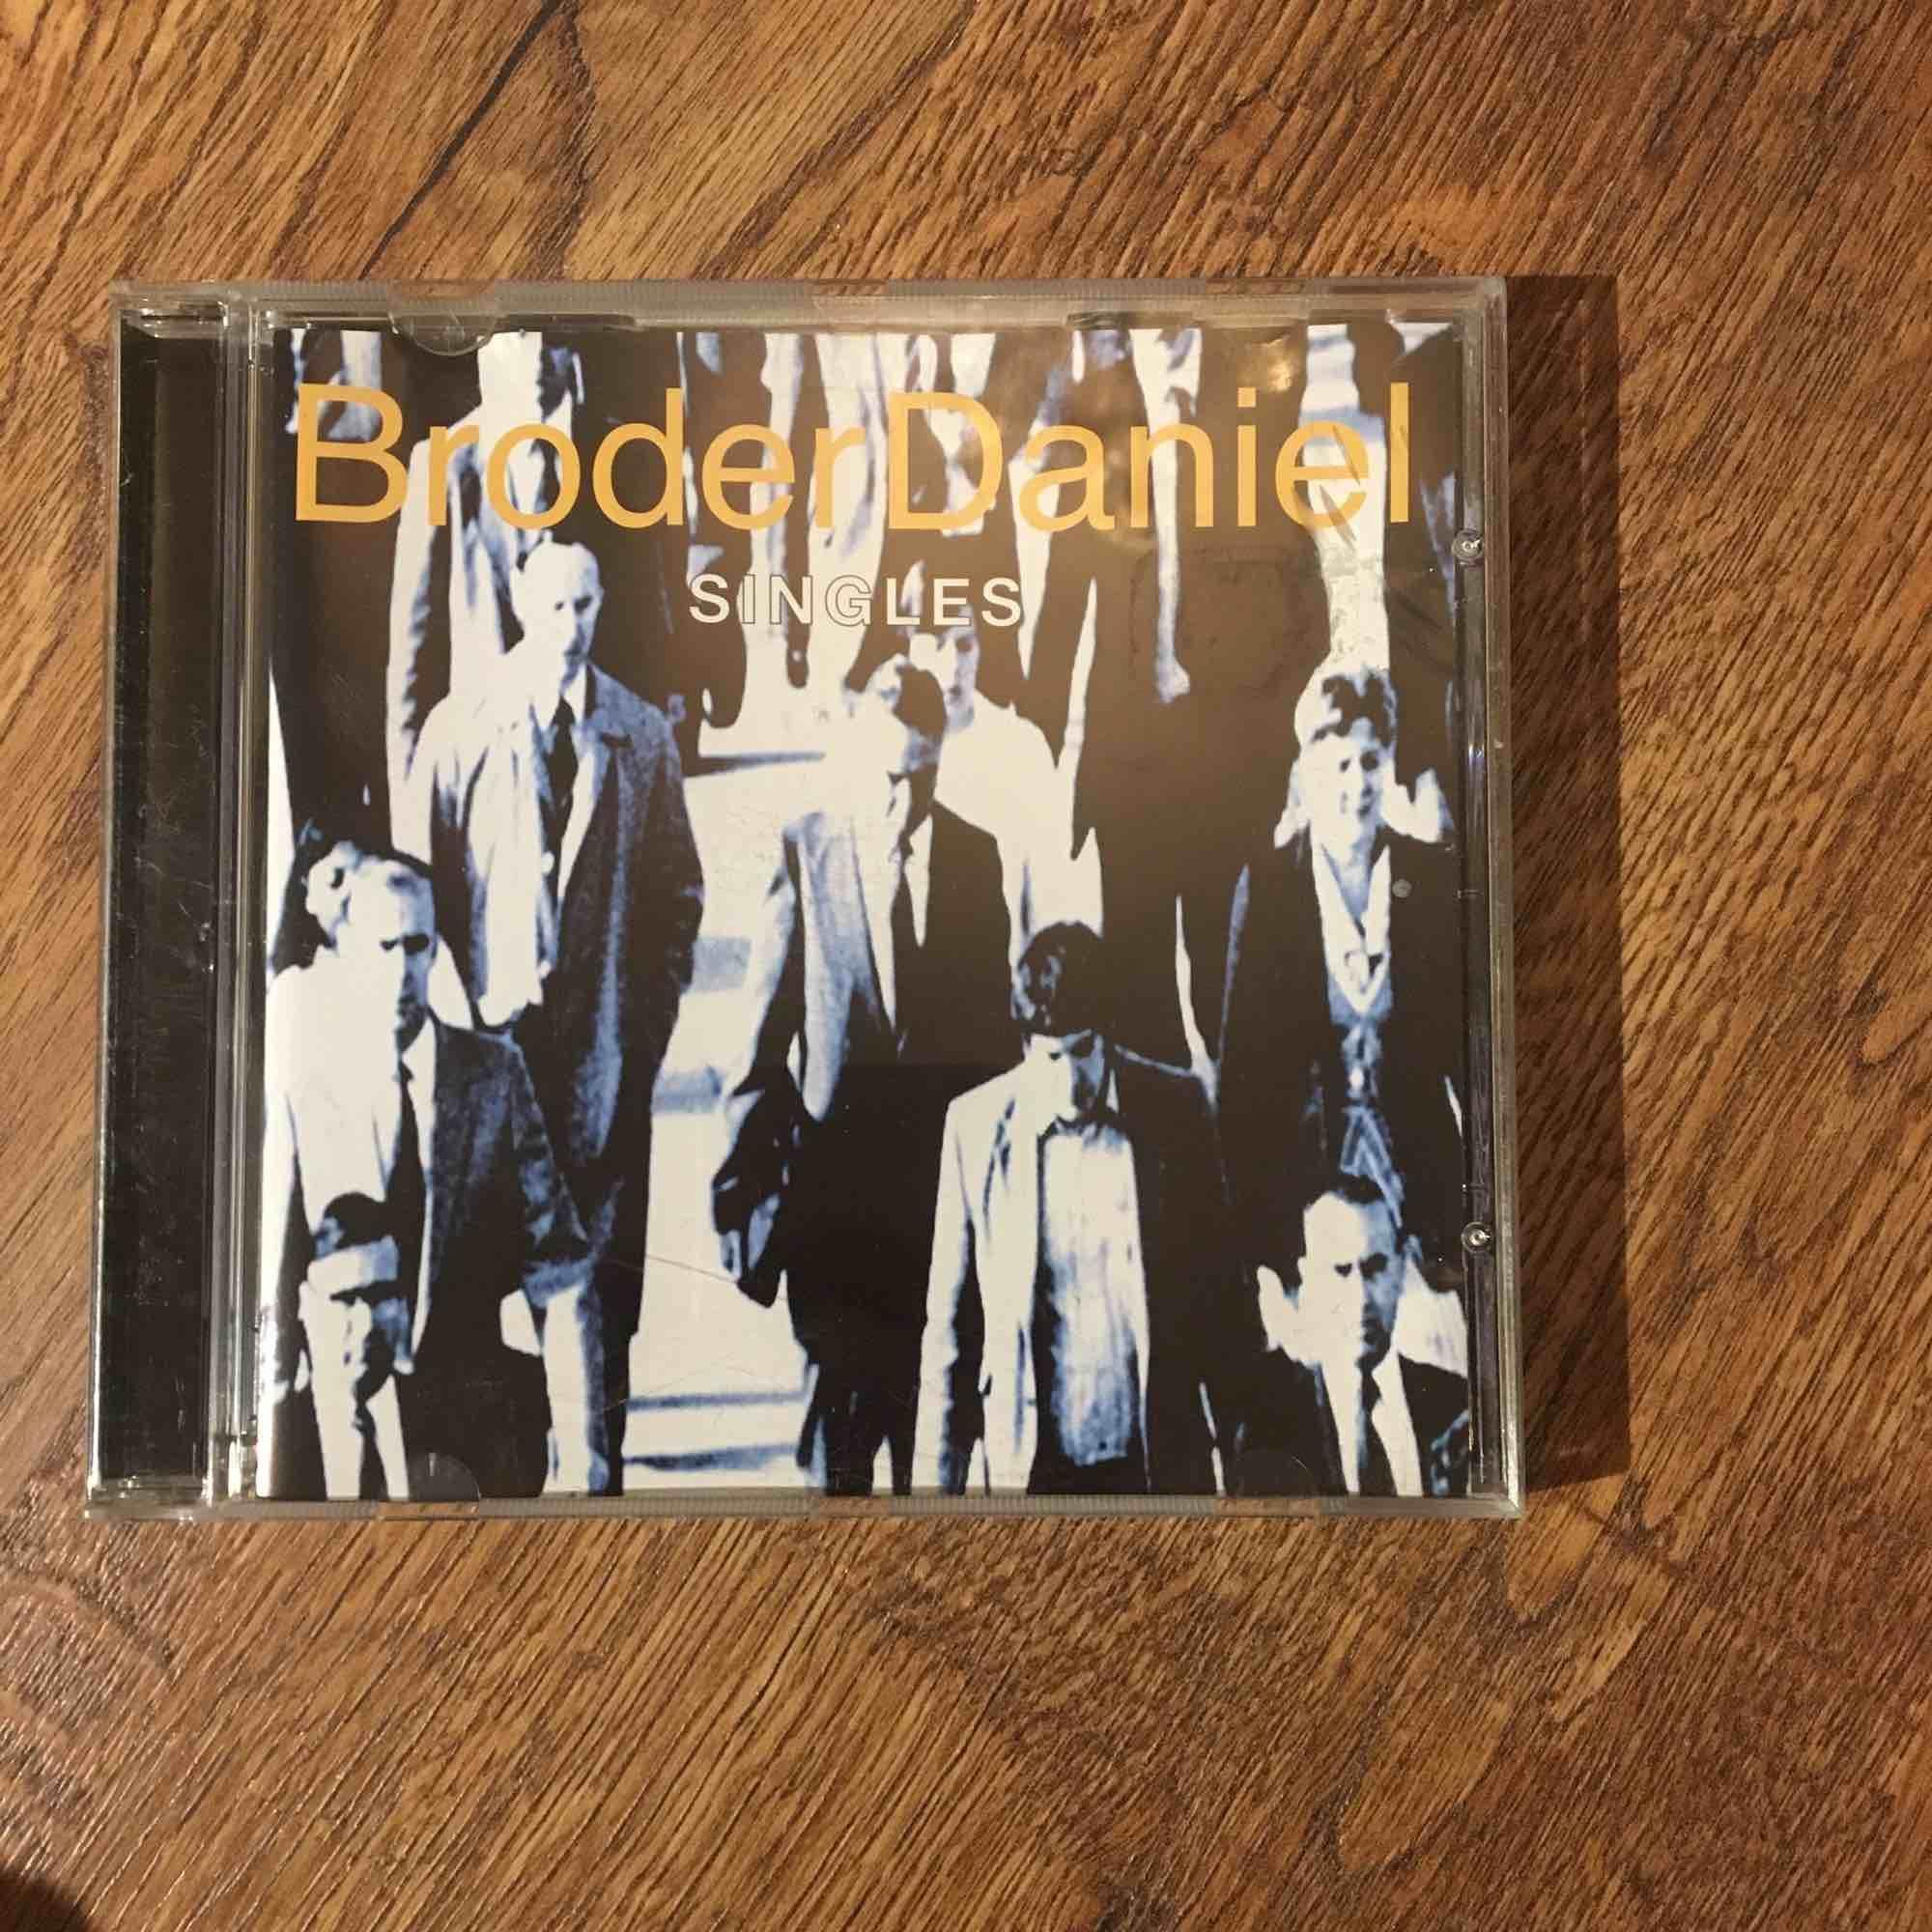 Broder Daniel - singels CD. Övrigt.